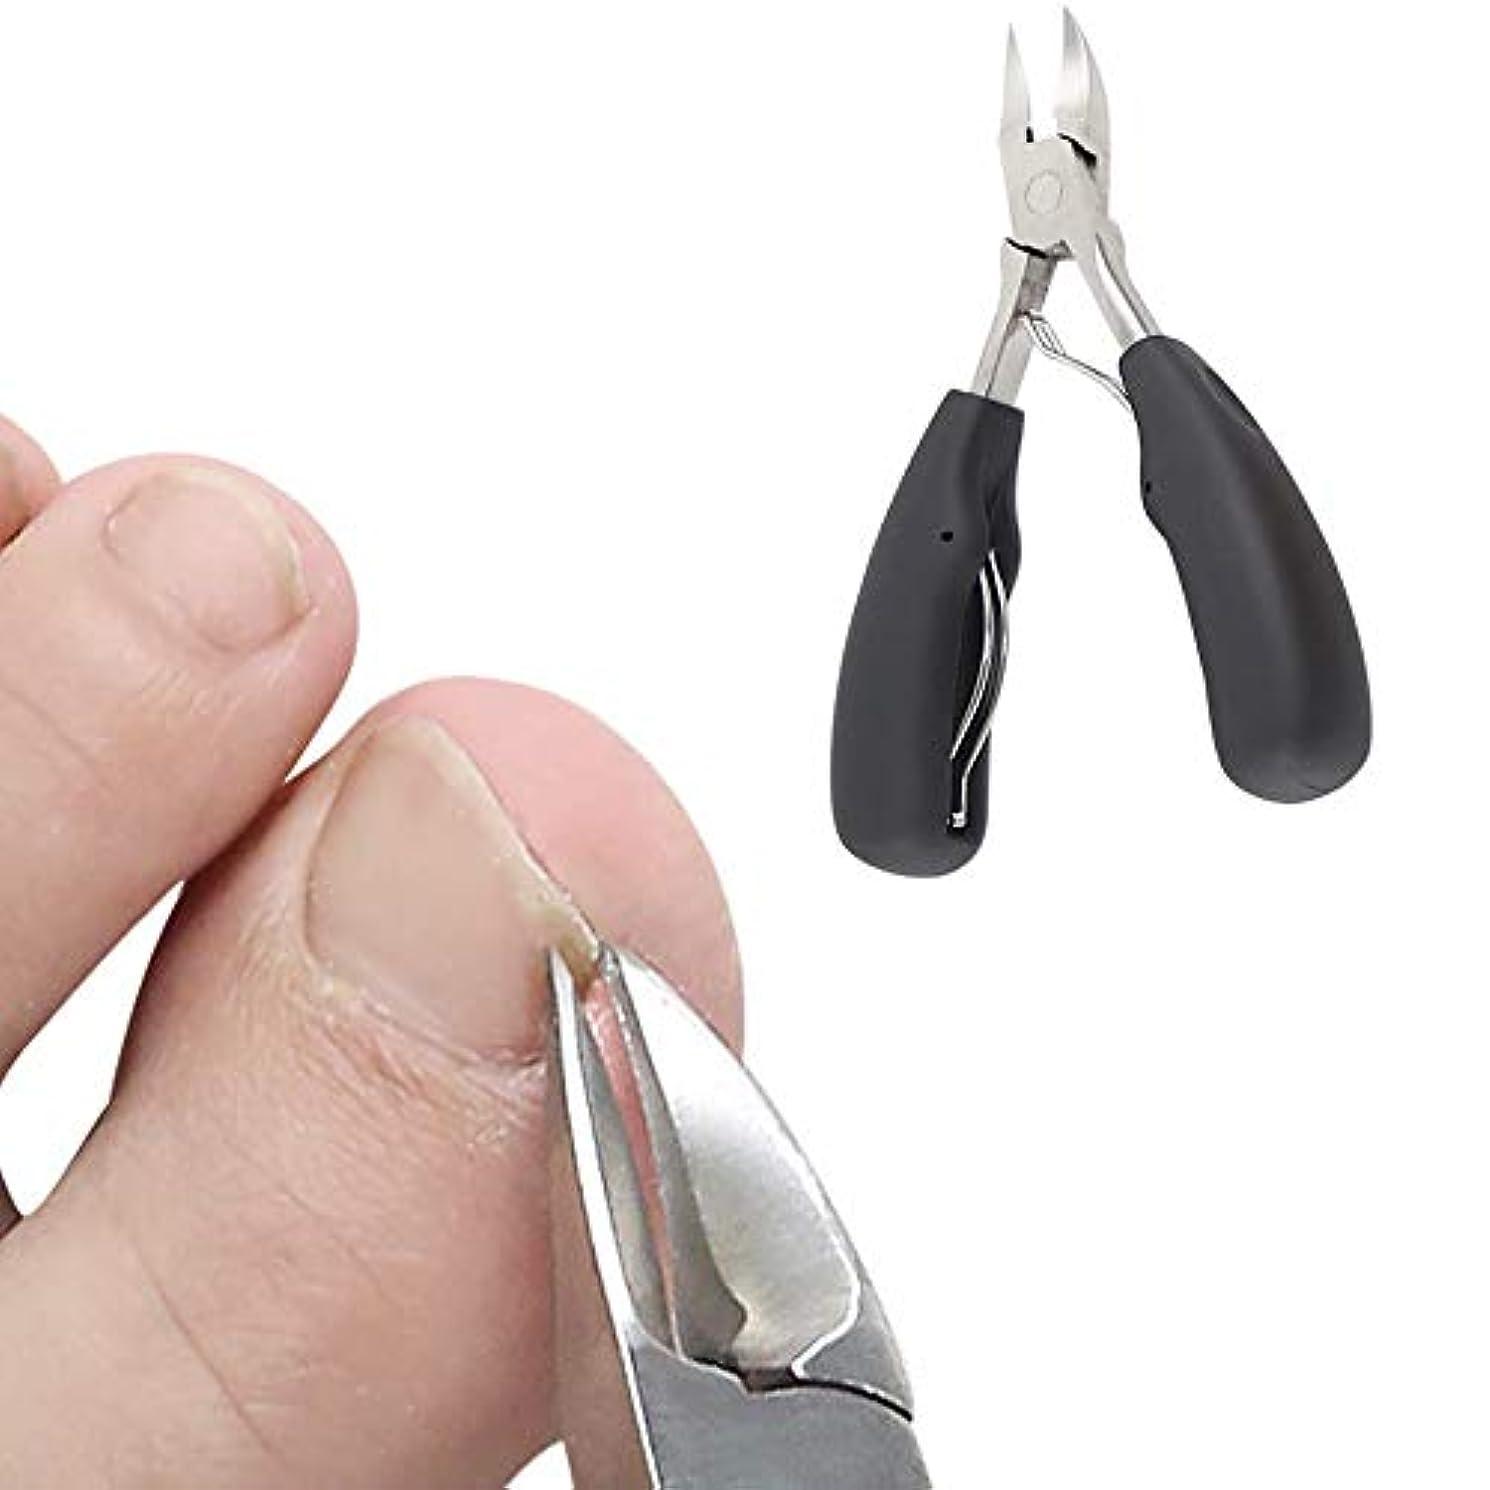 消毒する桁神学校TKbide 爪切り ニッパー型爪切り 巻き爪 硬い爪 切れ味抜群 陥入爪 便利性 切れ味抜群